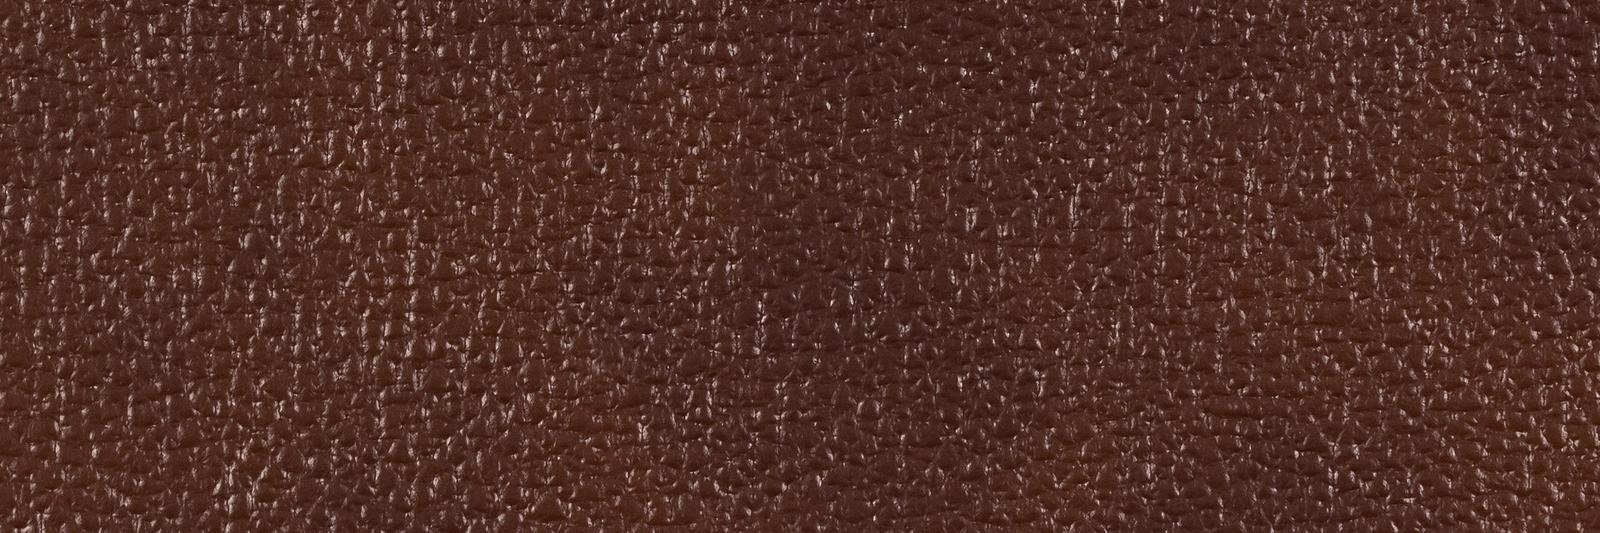 Кресло кожаное Честер Коричневый (Натуральная кожа) от HomeMe.ru